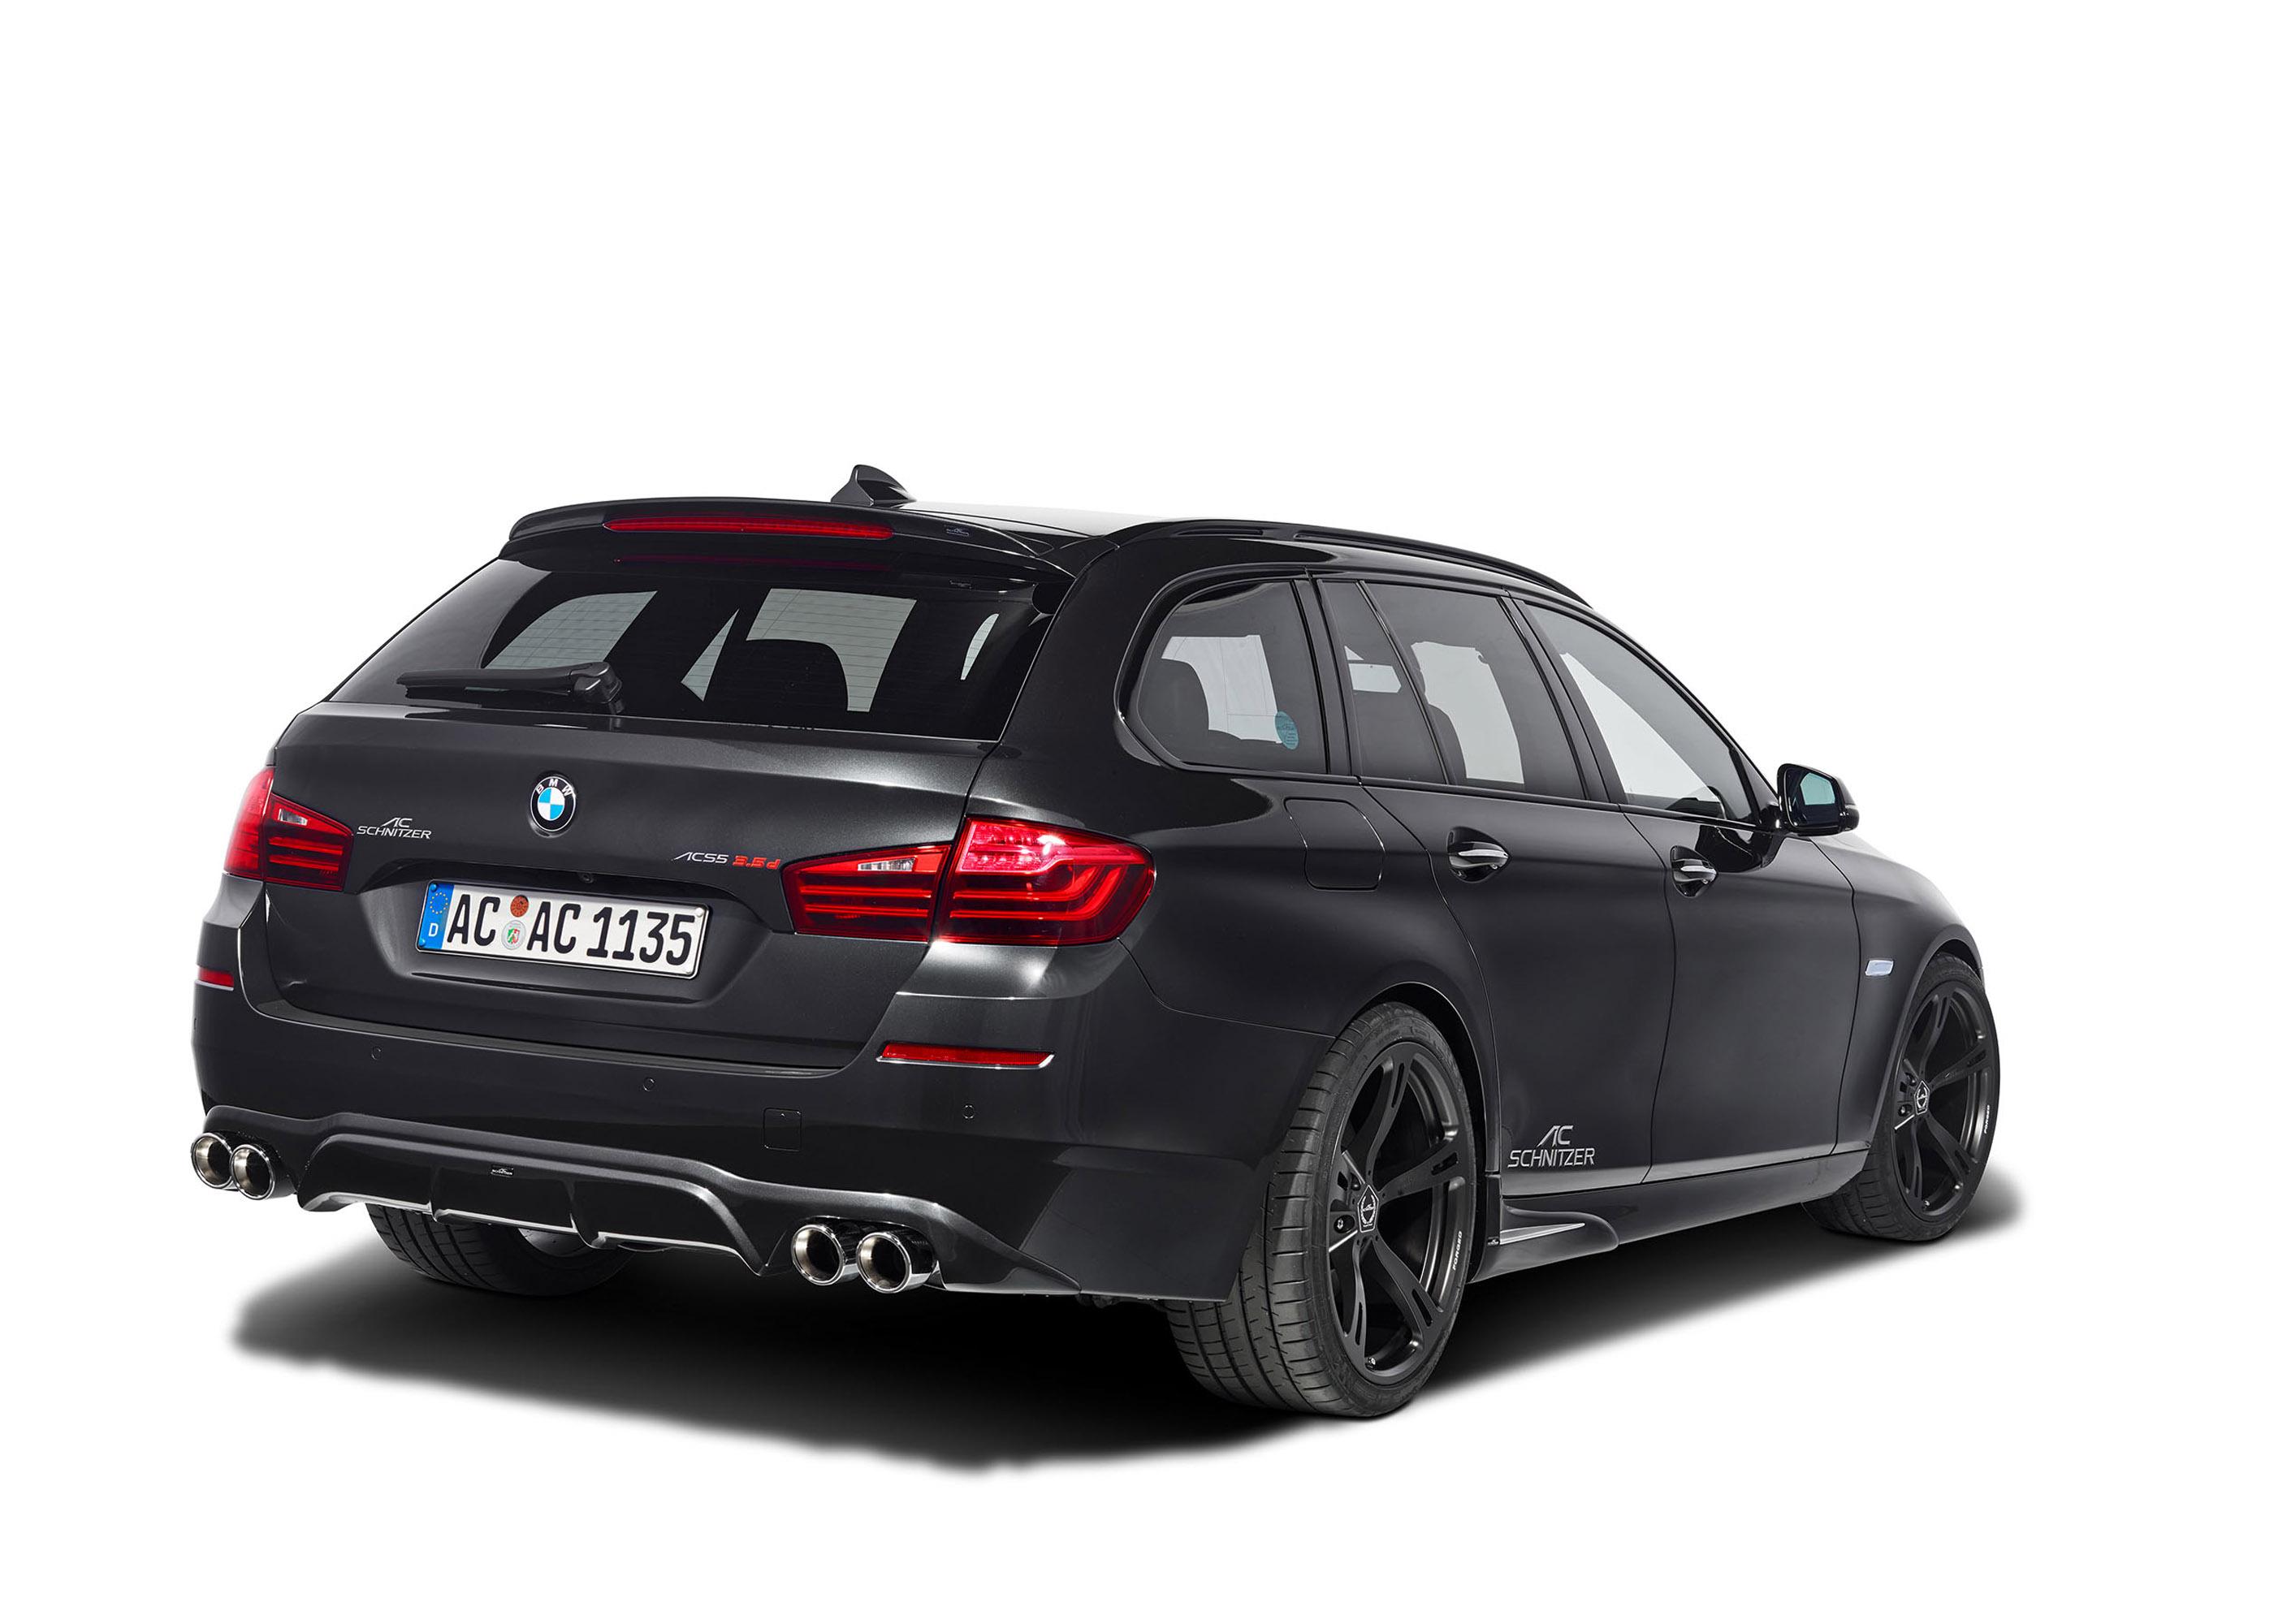 АС Шнитцер BMW 5 серии туринг ЛКИ Эссене дебютирует на мотор-шоу  - фотография №11